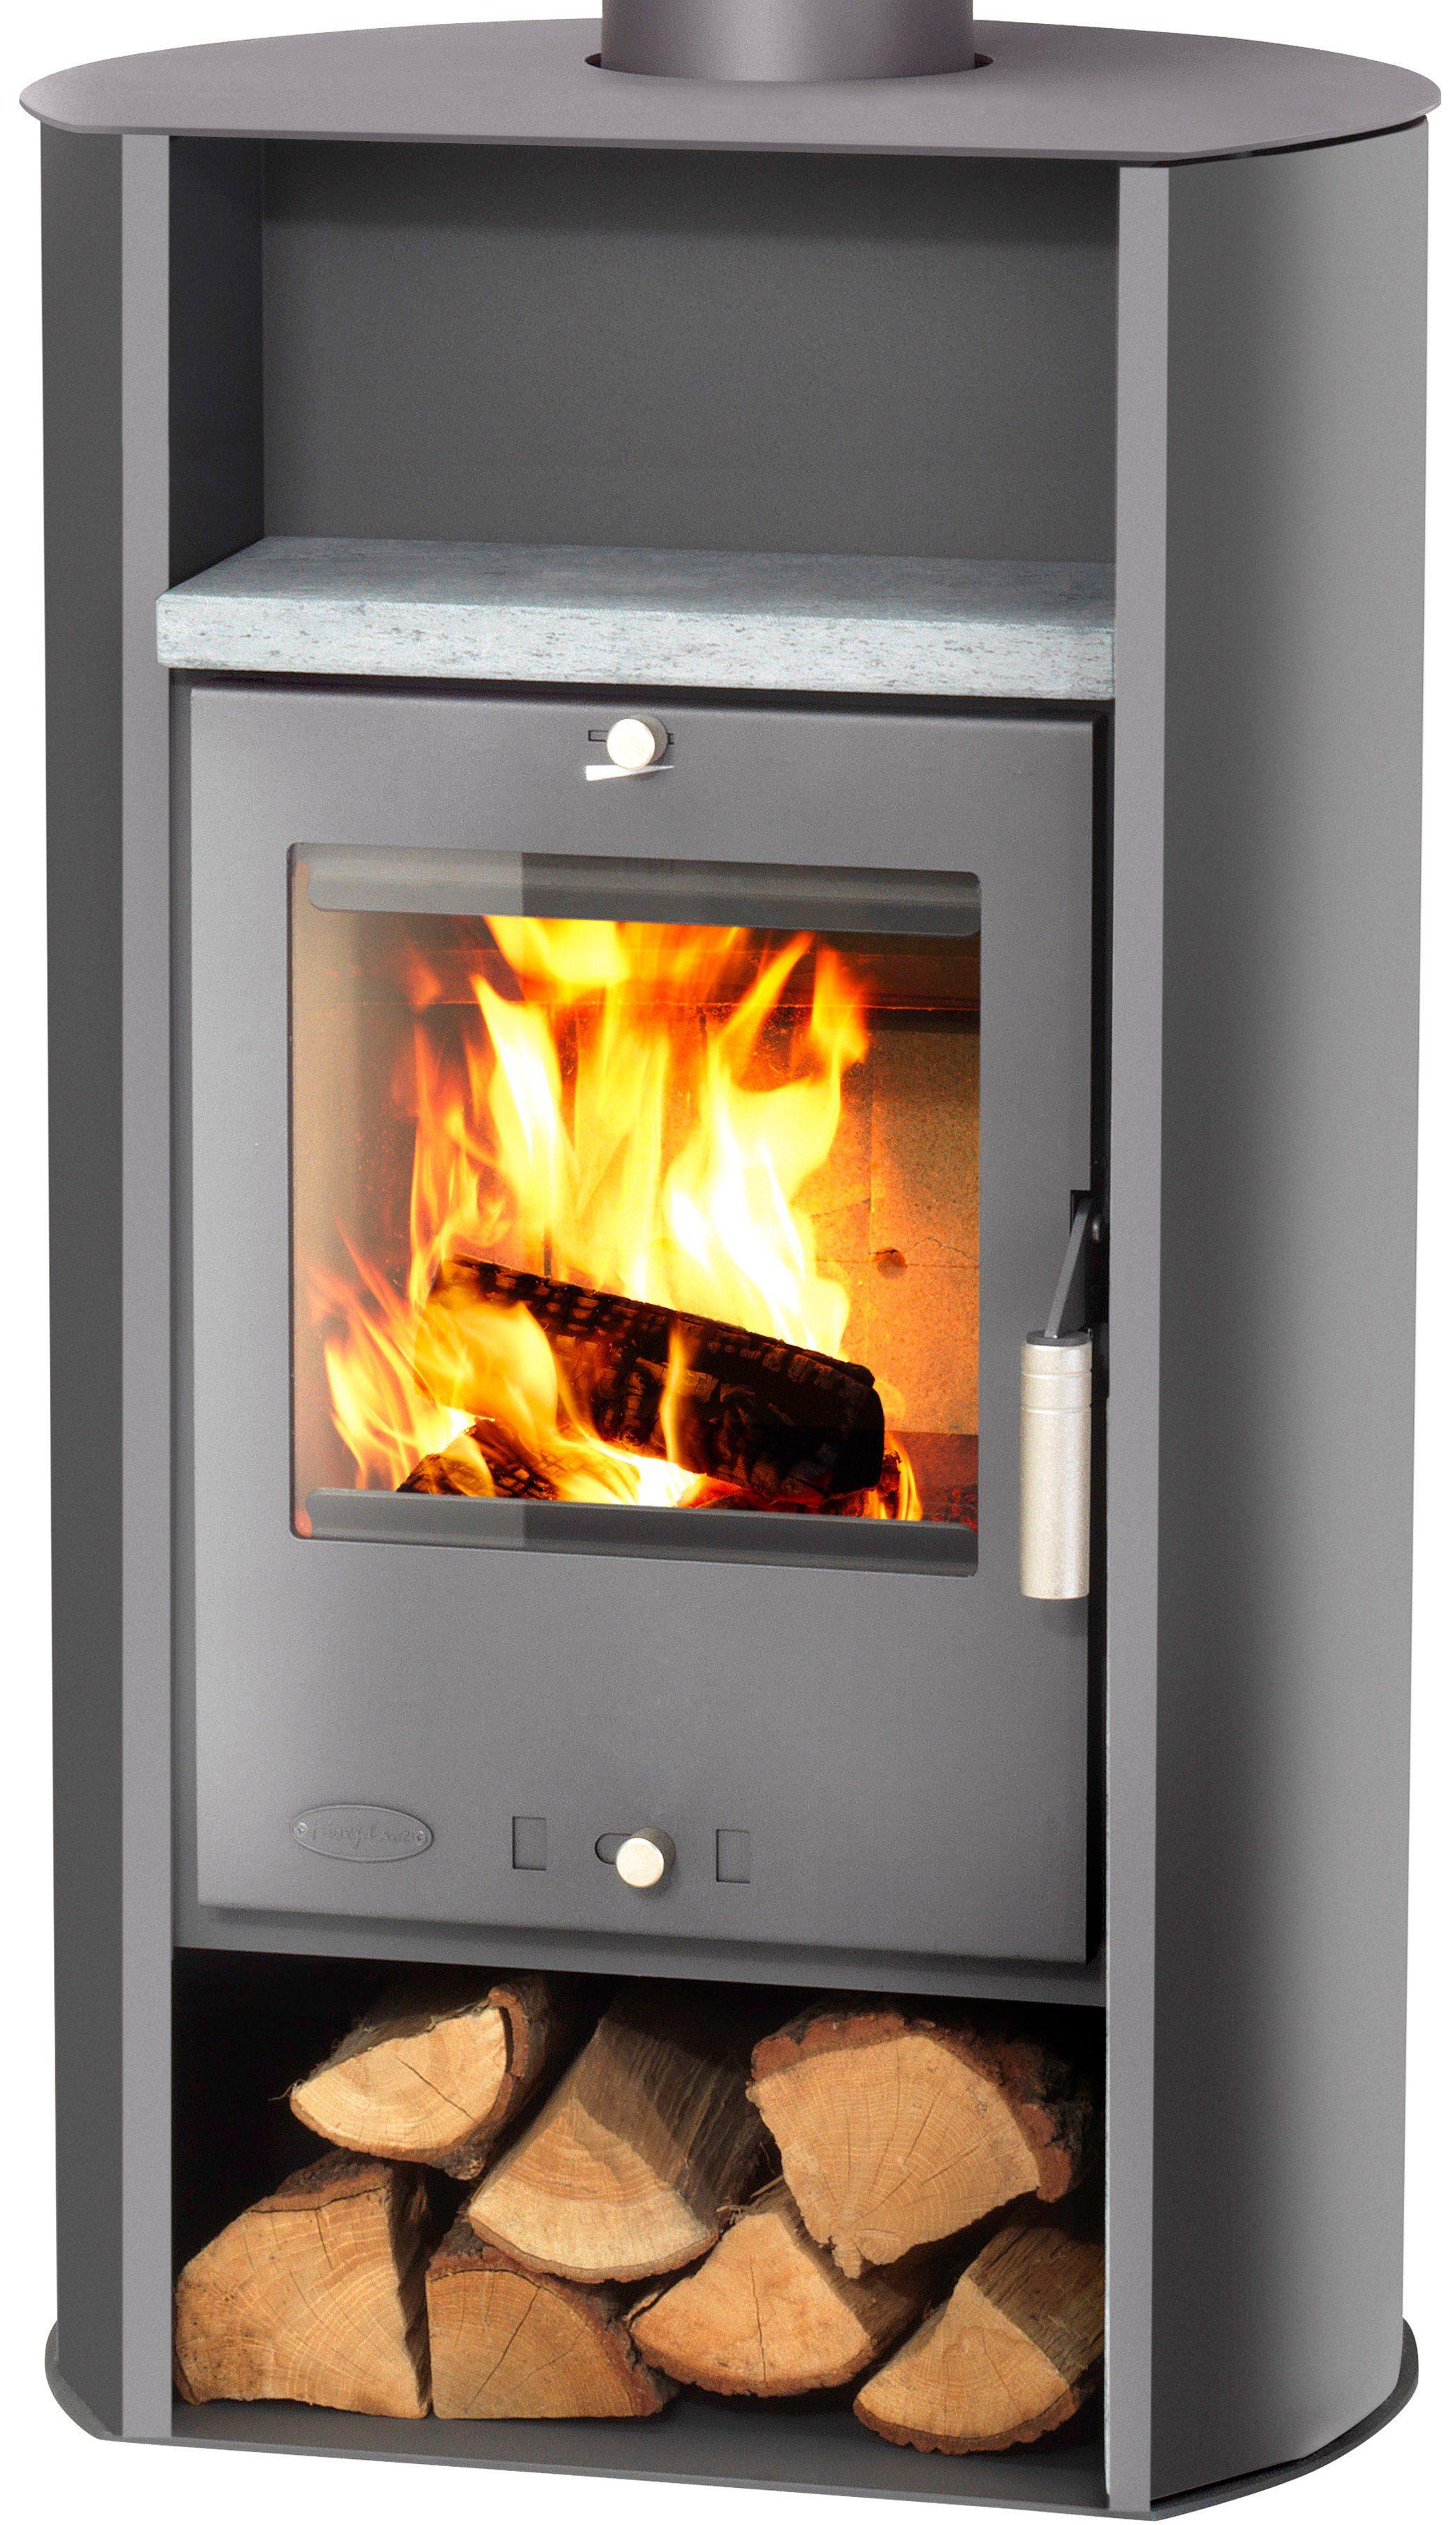 Kaminofen »Santa Fé«, Stahl, 6 kW, runde Rückseite, Fireplace